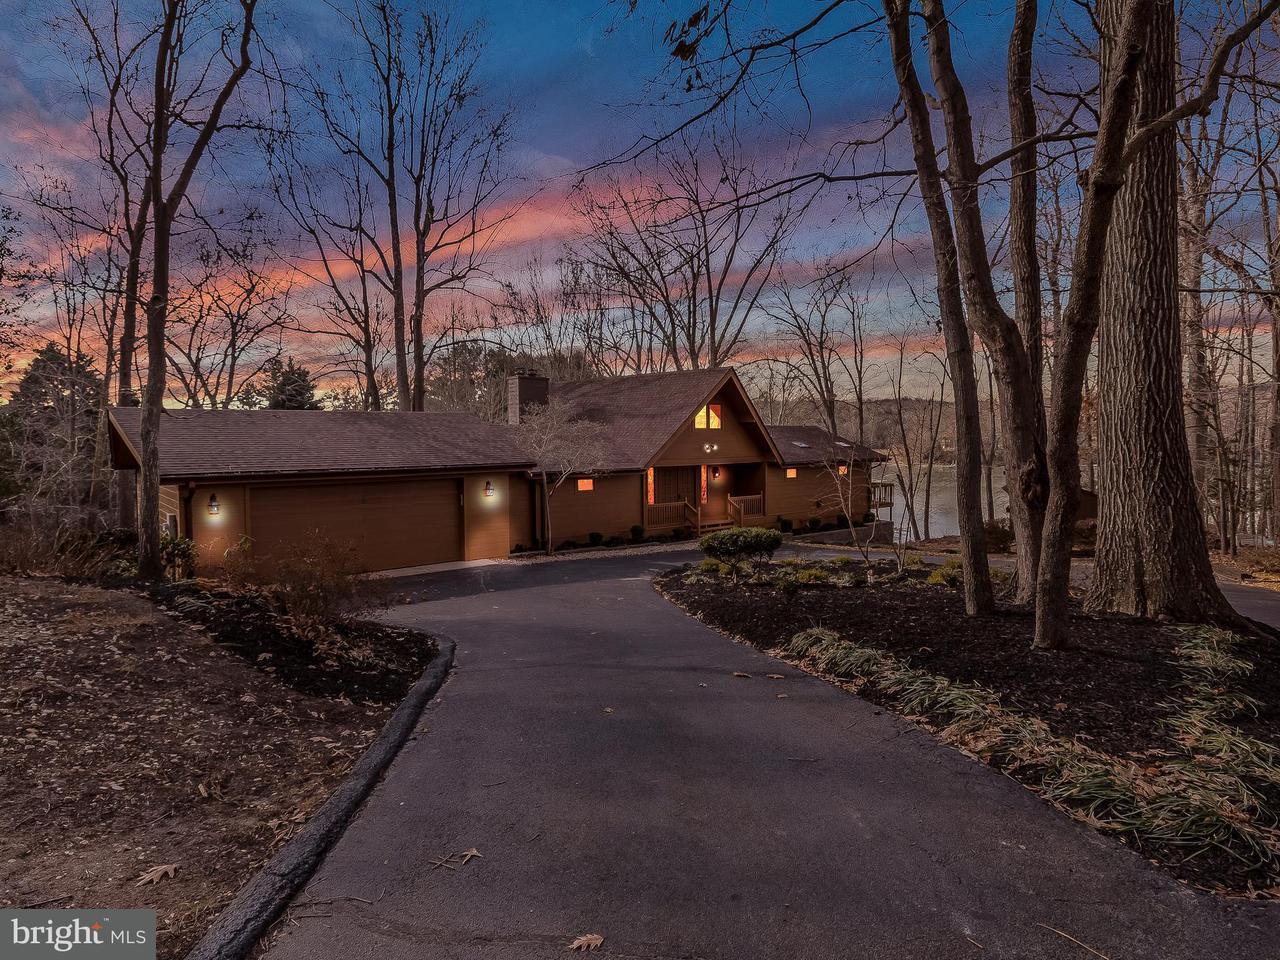 Single Family Home for Sale at 3847 SHAMROCK Court 3847 SHAMROCK Court Port Republic, Maryland 20676 United States